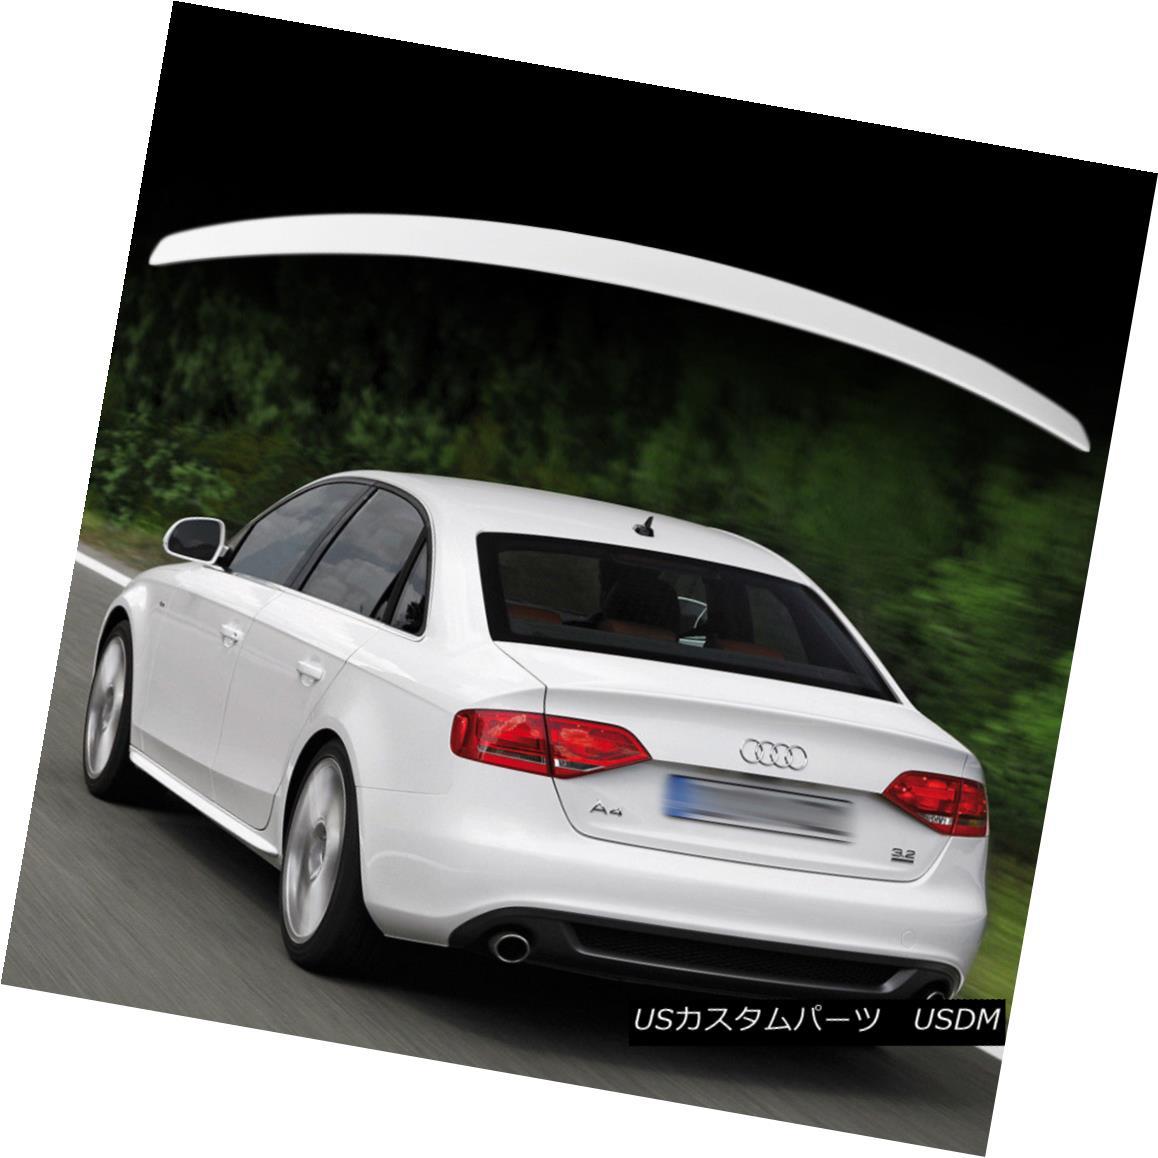 エアロパーツ For AUDI A4 B8 RS Style Rear Trunk Boot Spoiler Wing ABS Painted Color #LY9C AUDI A4 B8 RSスタイルリアトランクブーツスポイラーウイングABS塗装カラー#LY9C